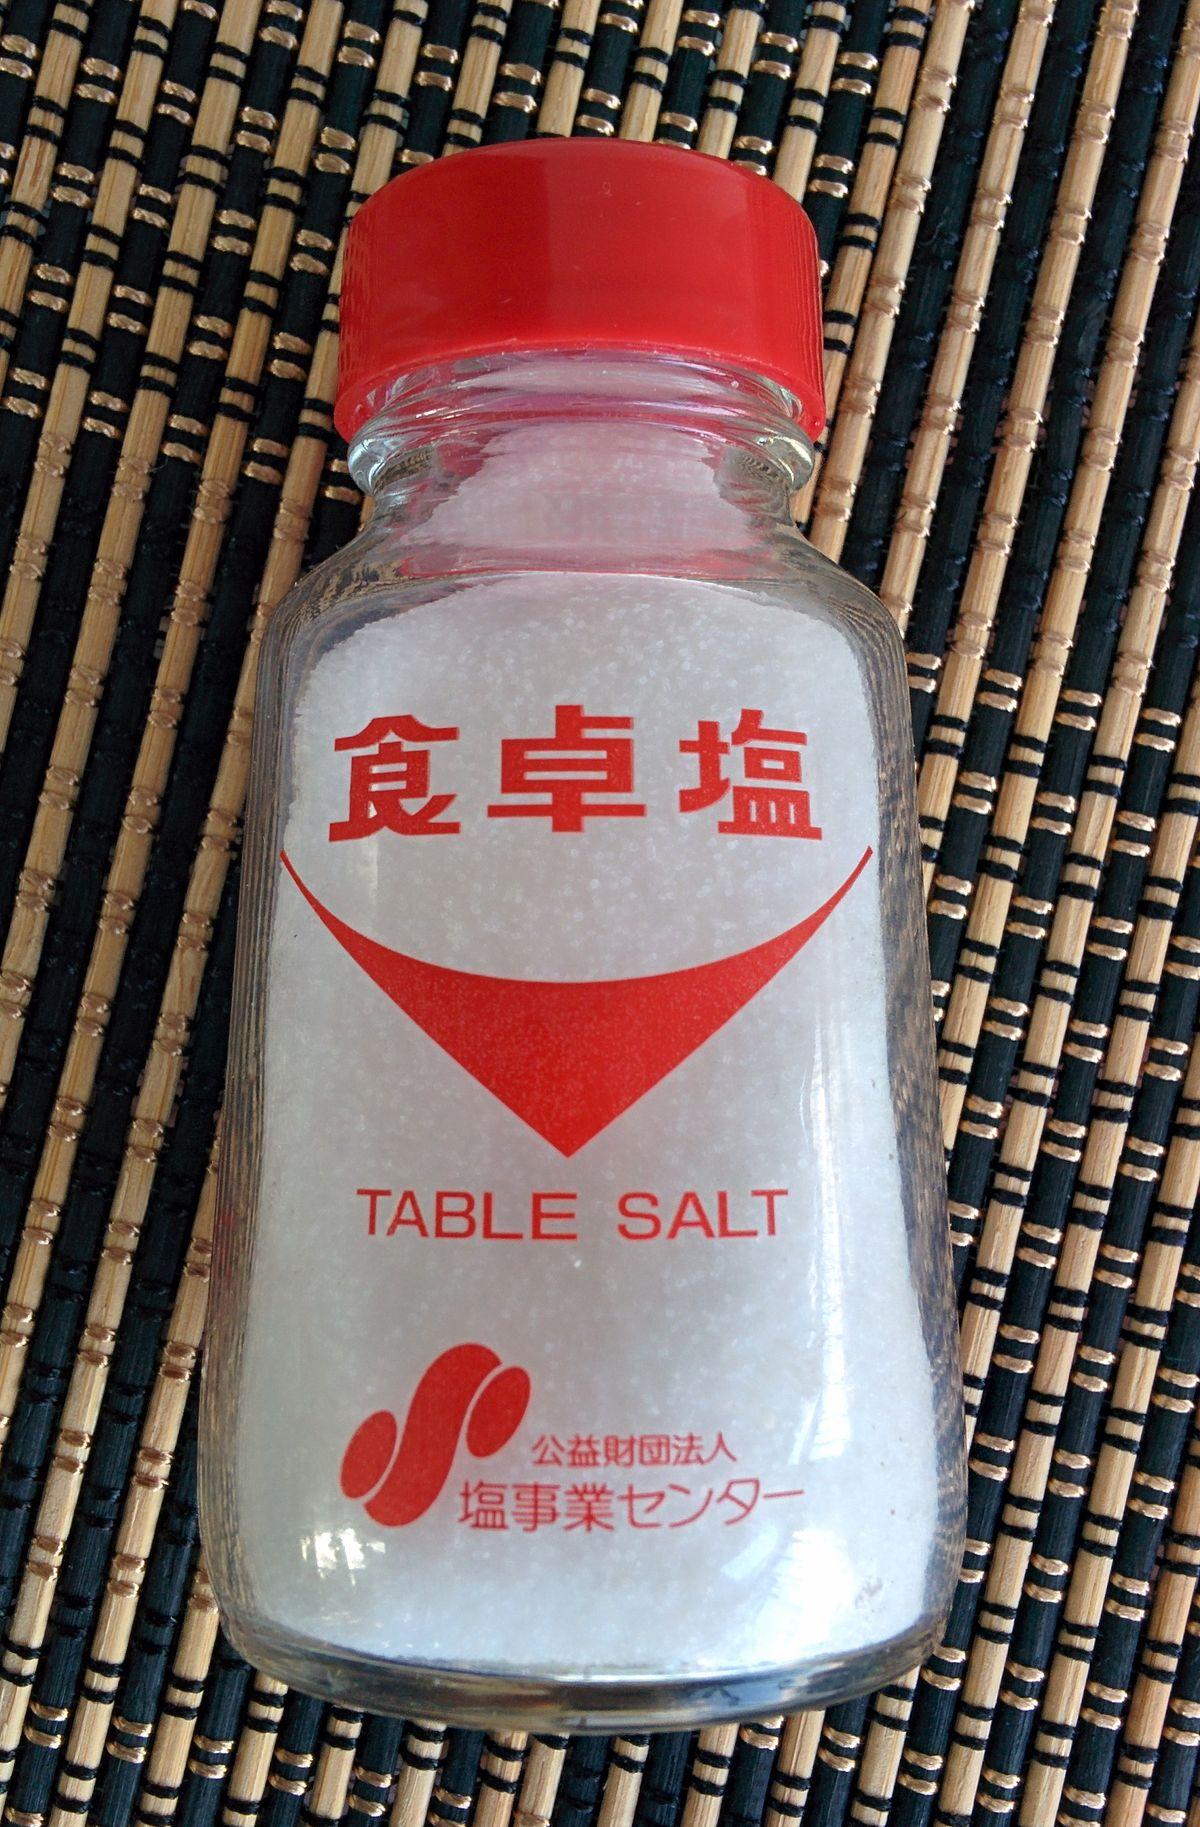 塩事業センター - Wikipedia